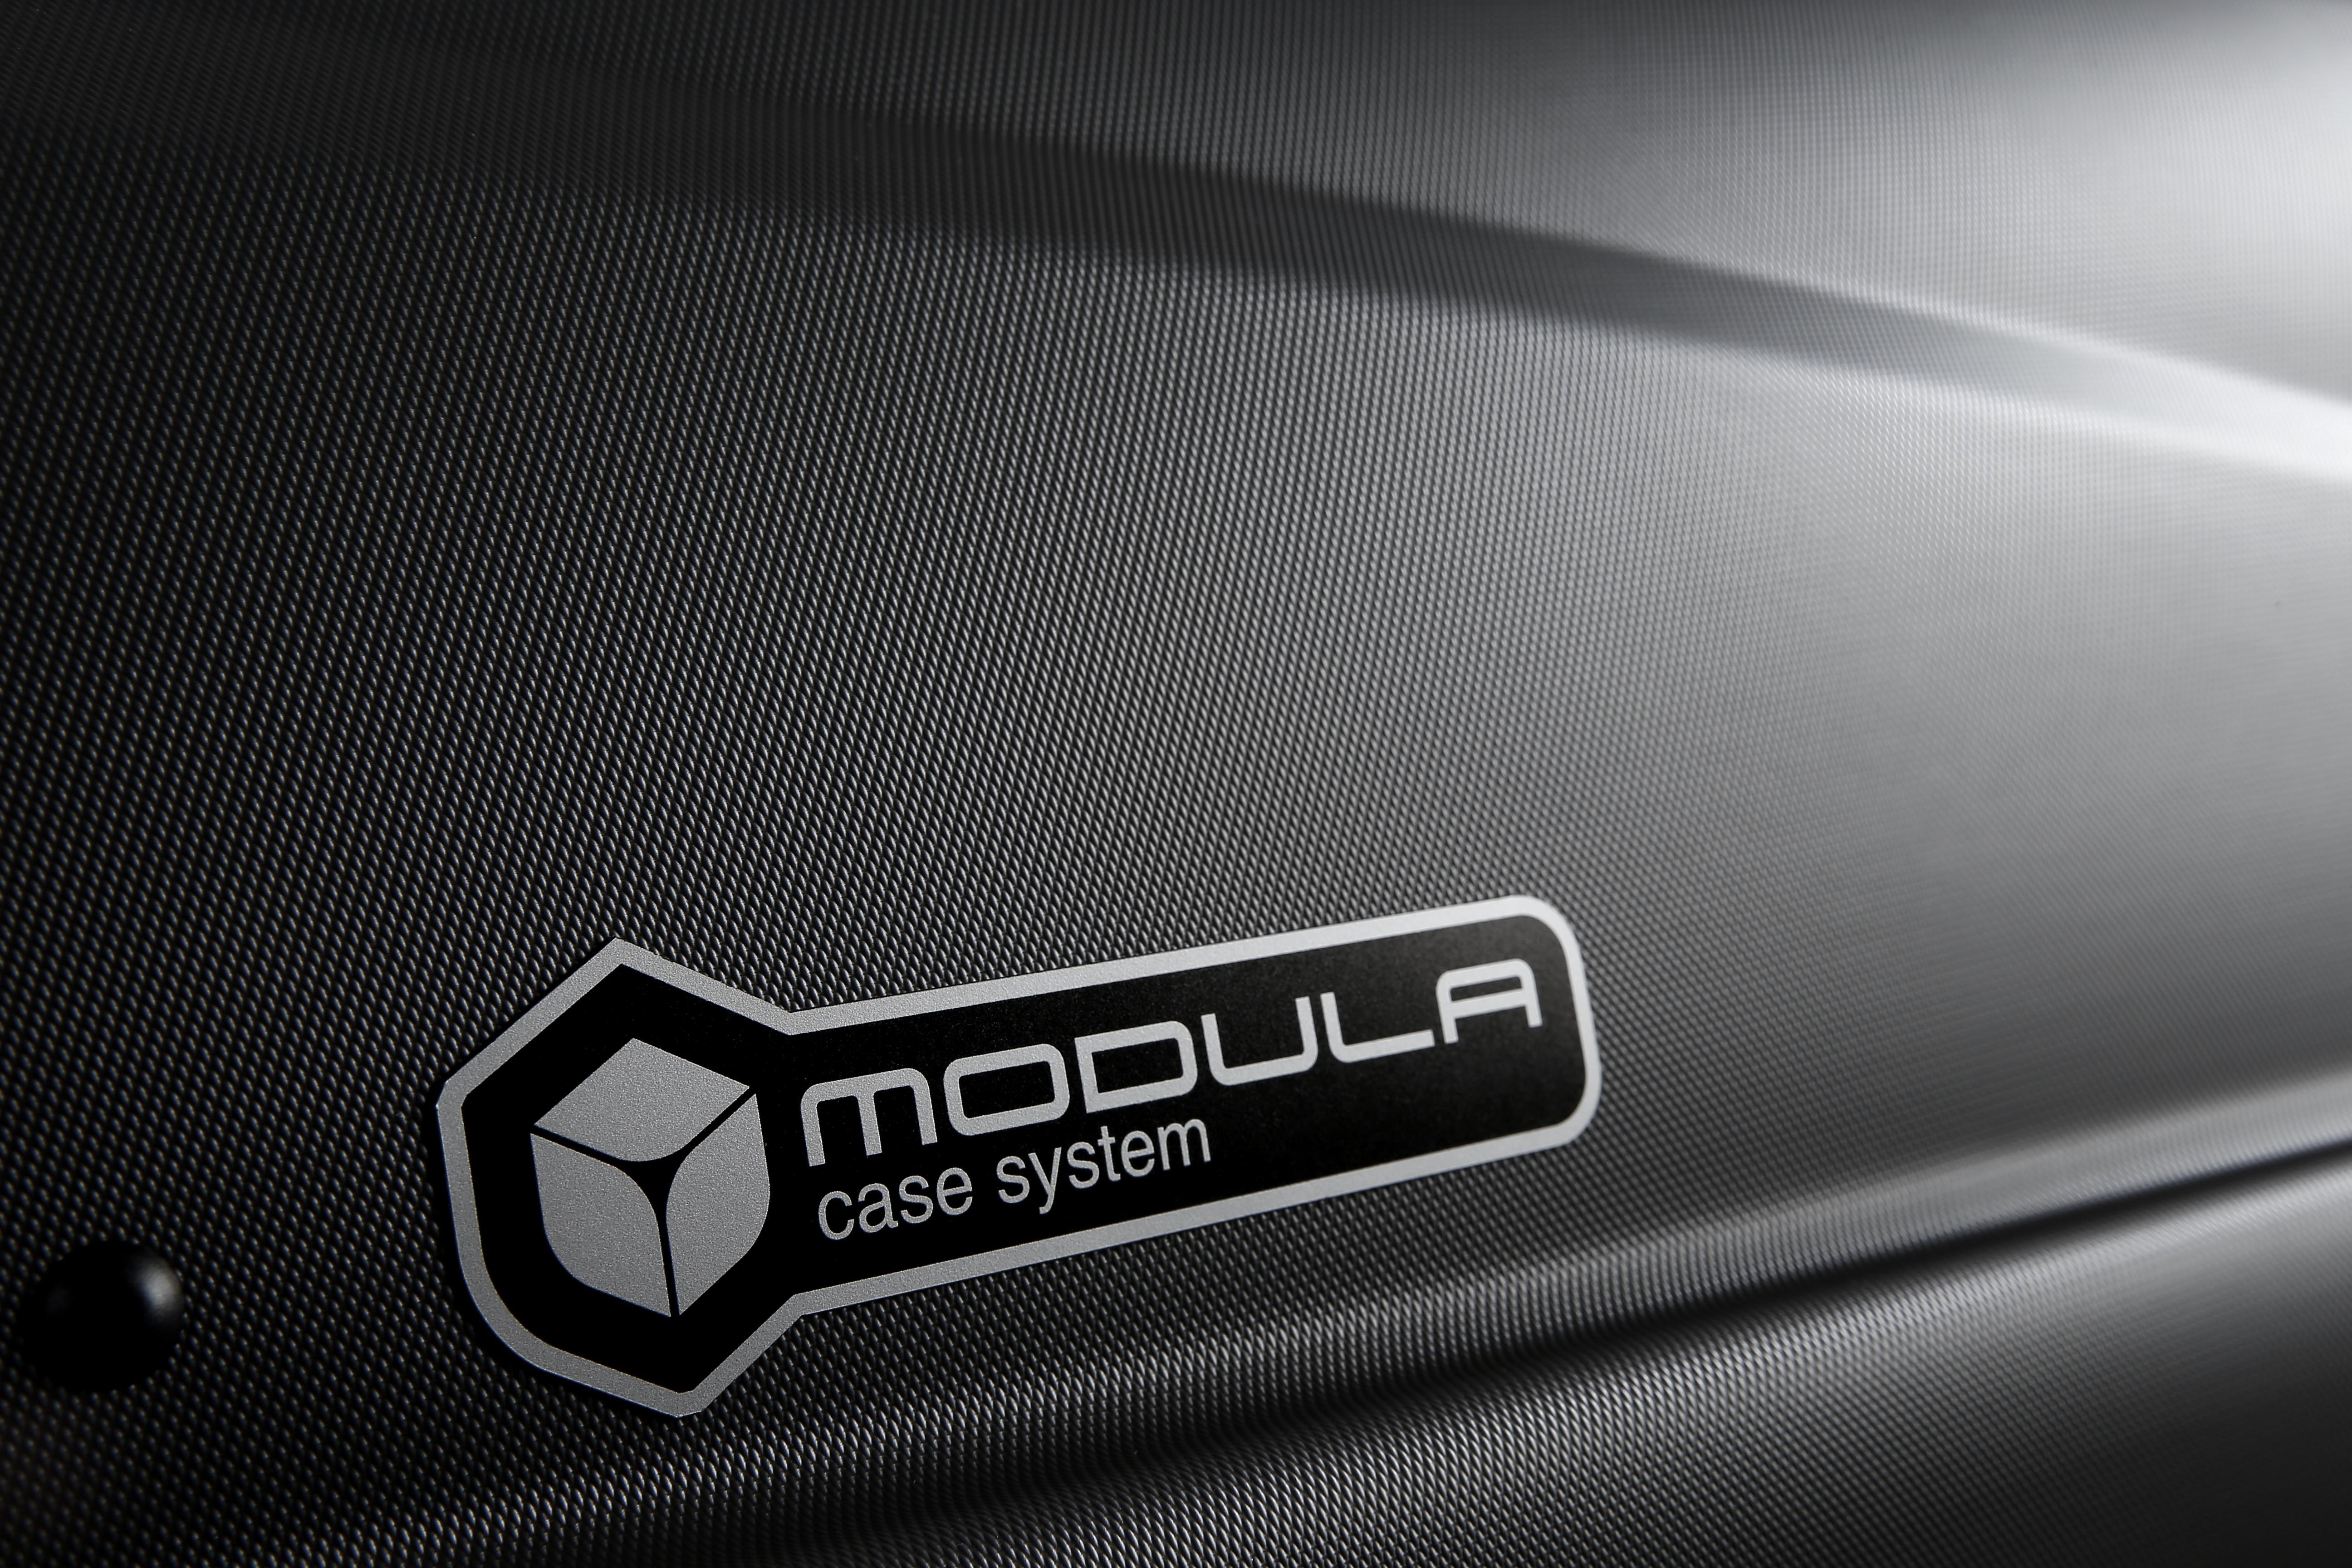 MOCS0325 MODULA at low price